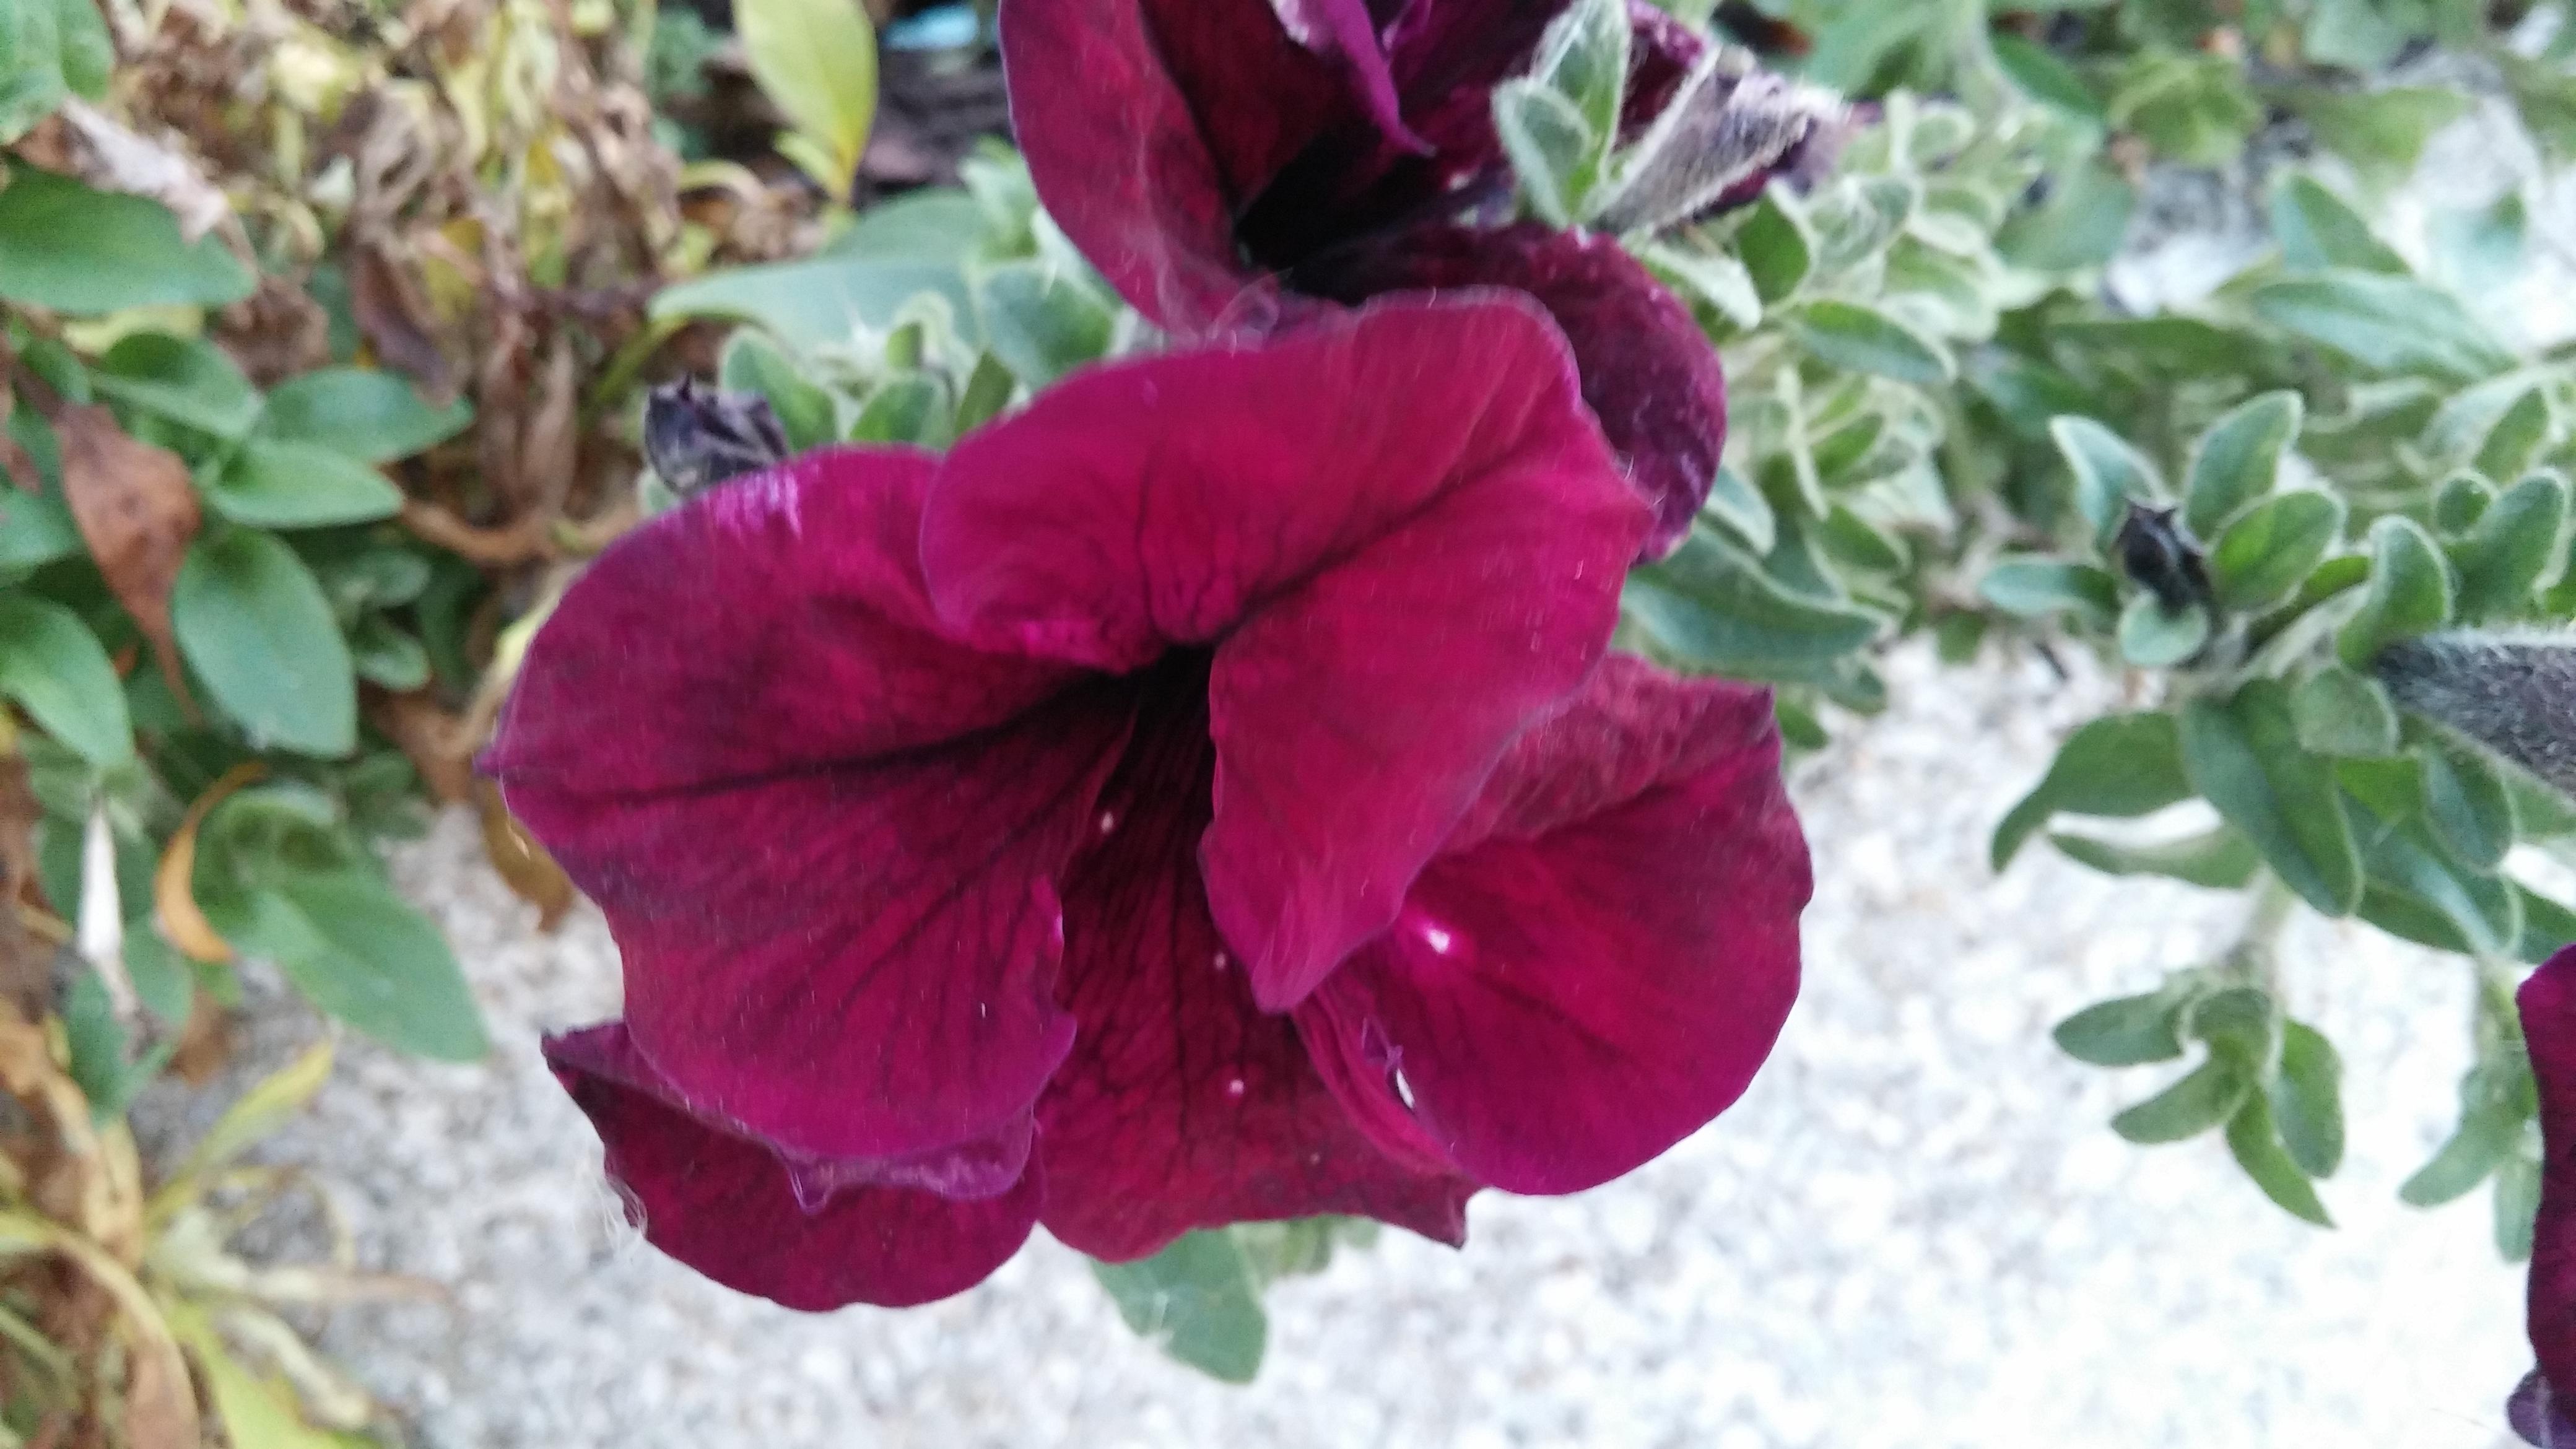 Flower lips, Flower, Nature, Outside, HQ Photo